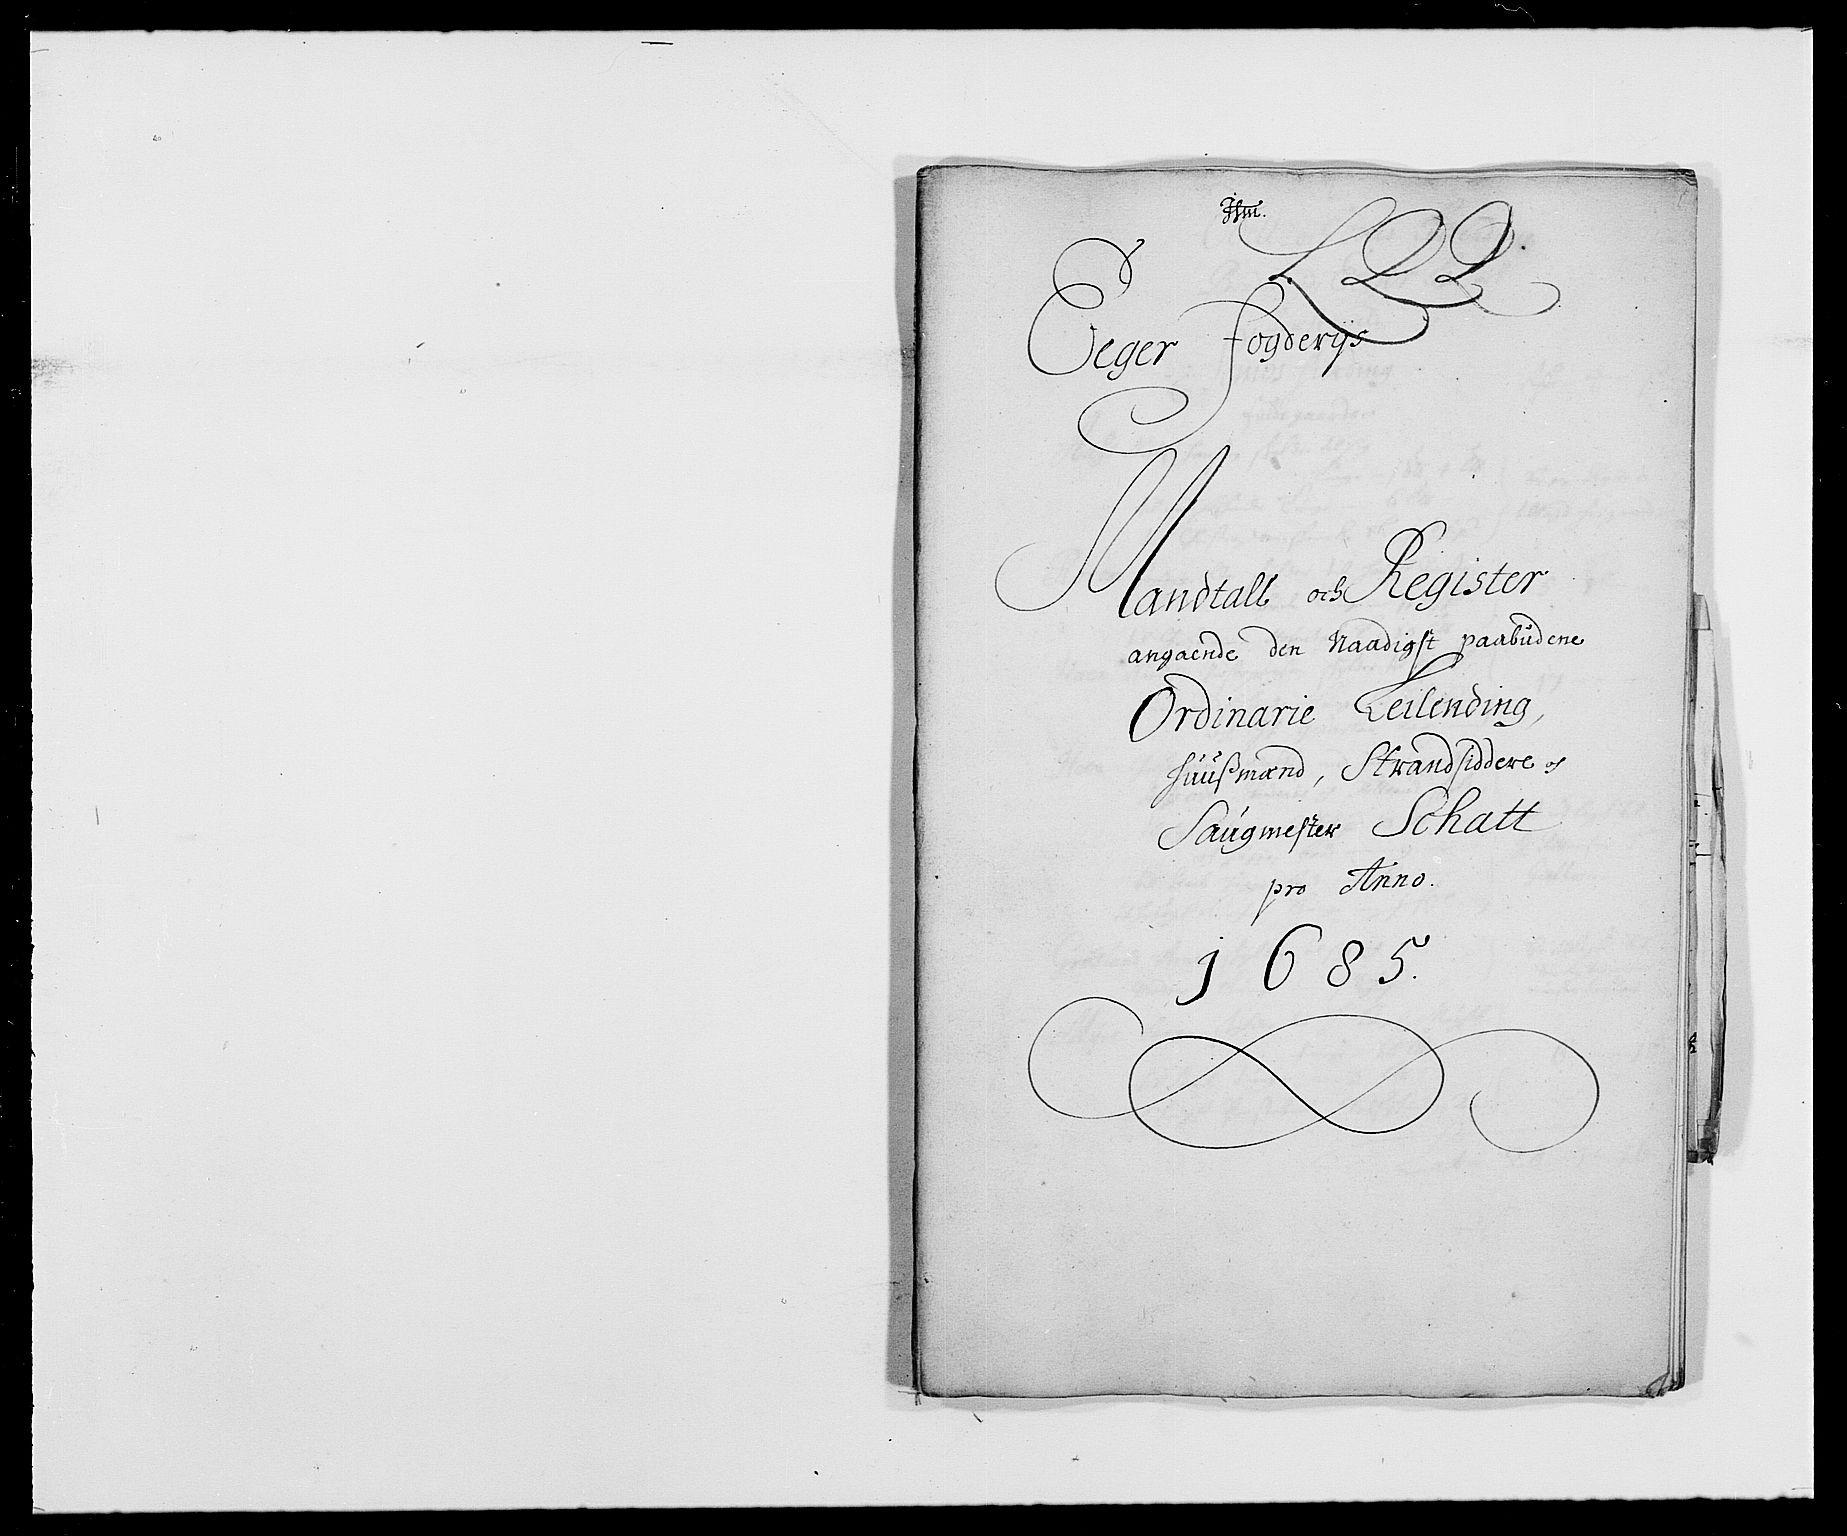 RA, Rentekammeret inntil 1814, Reviderte regnskaper, Fogderegnskap, R26/L1685: Fogderegnskap Eiker, 1679-1686, s. 65